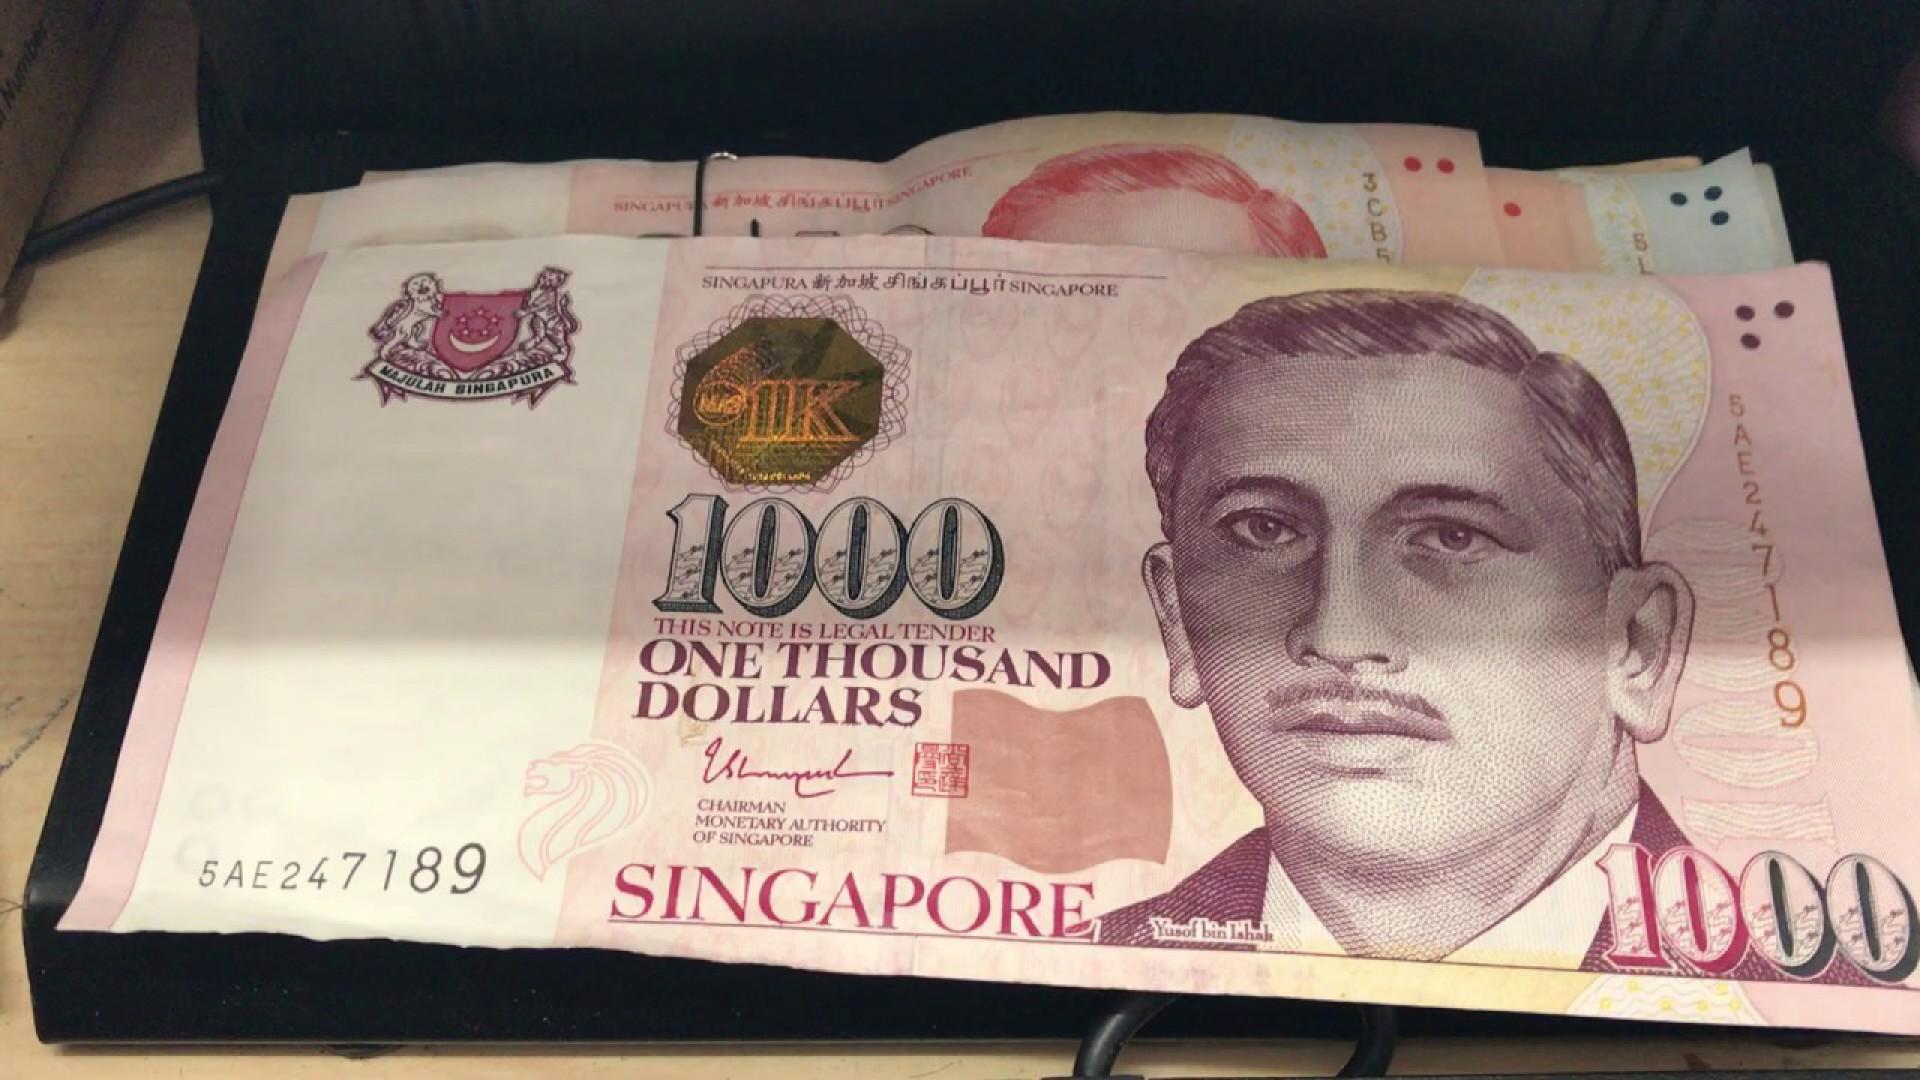 Singapura, além de ter a cédula mais valiosa em circulação no mundo, a de 10 mil dólares, também tem a quarta mais valiosa, a de 1 mil dólares